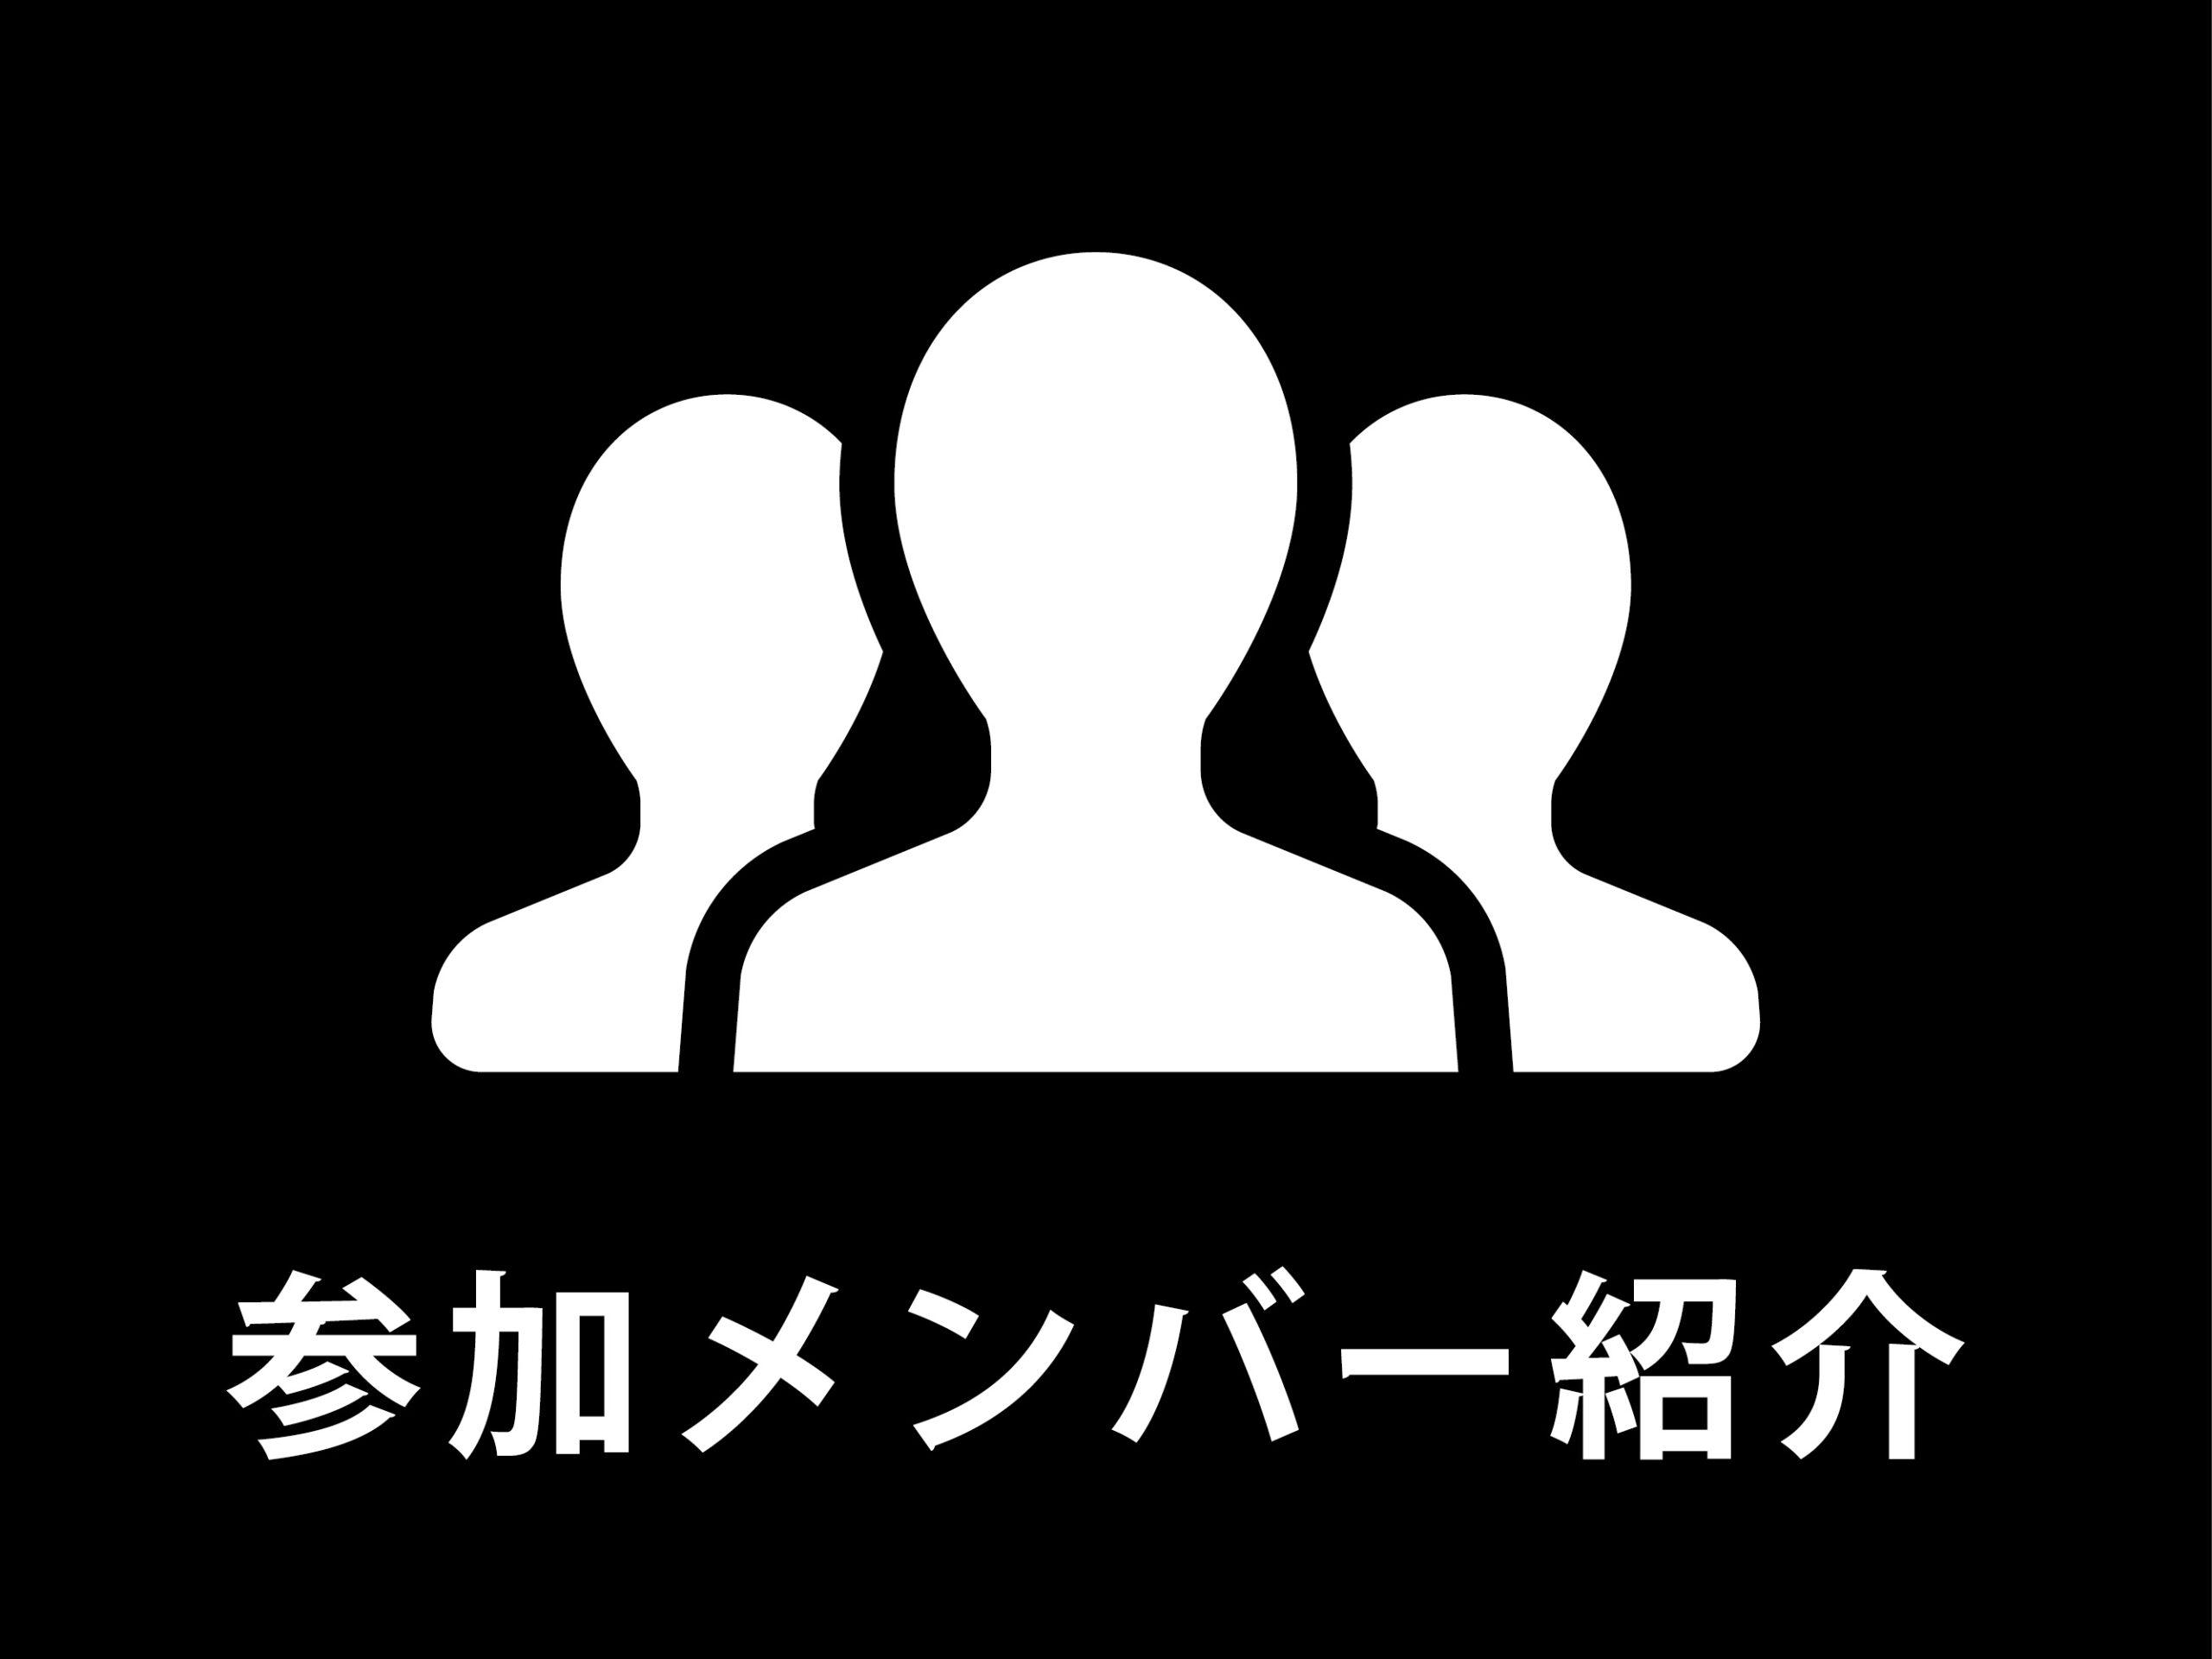 /// 参加メンバー紹介 ///